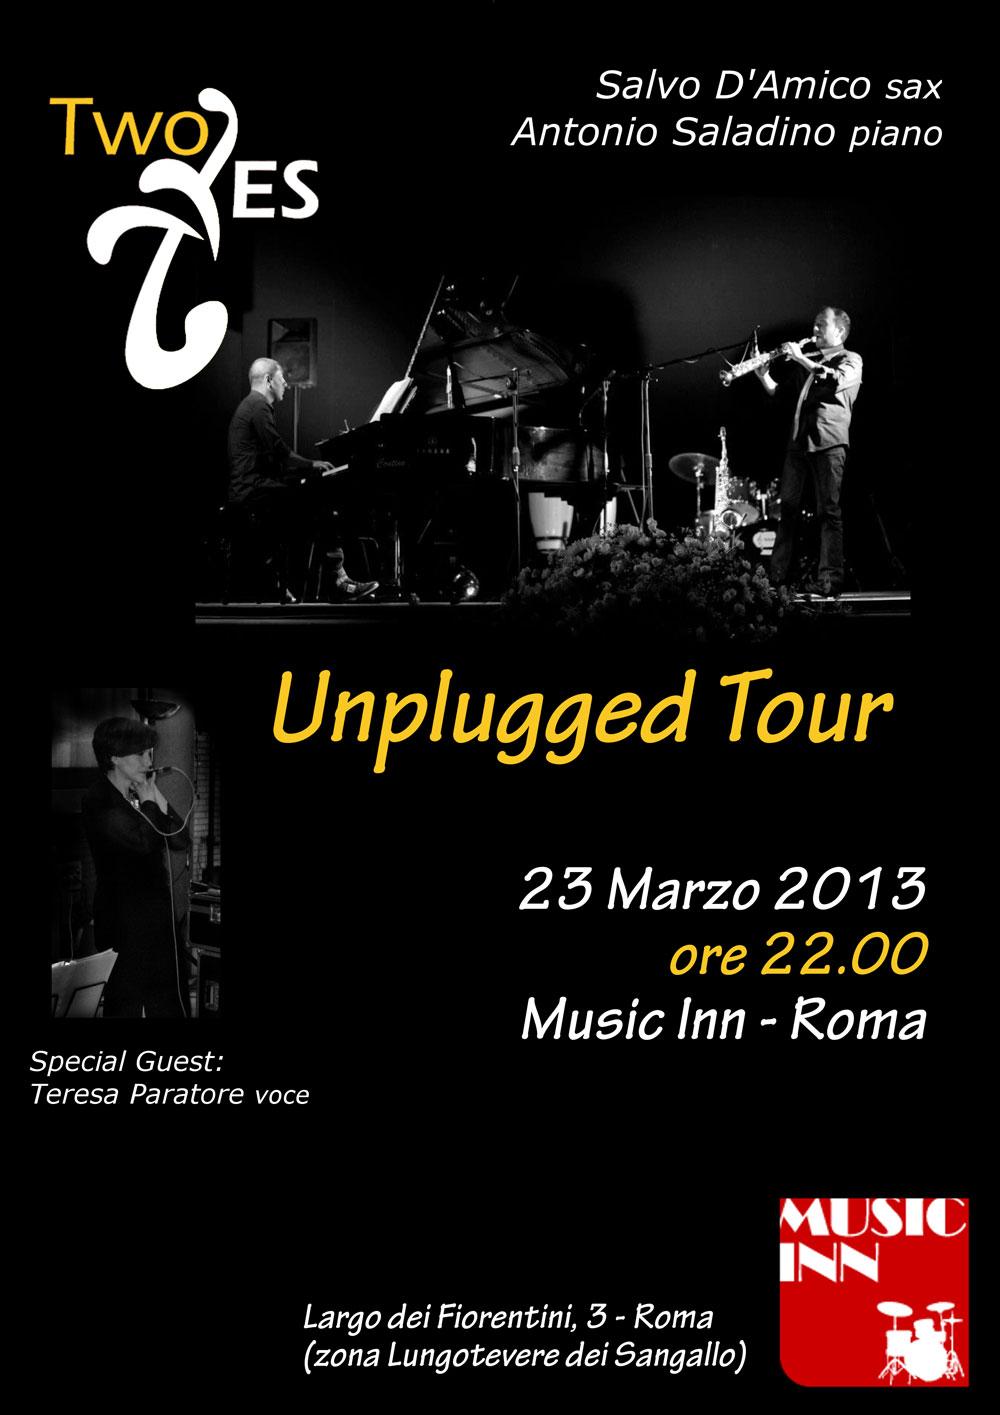 Two Es al Music Inn - Roma